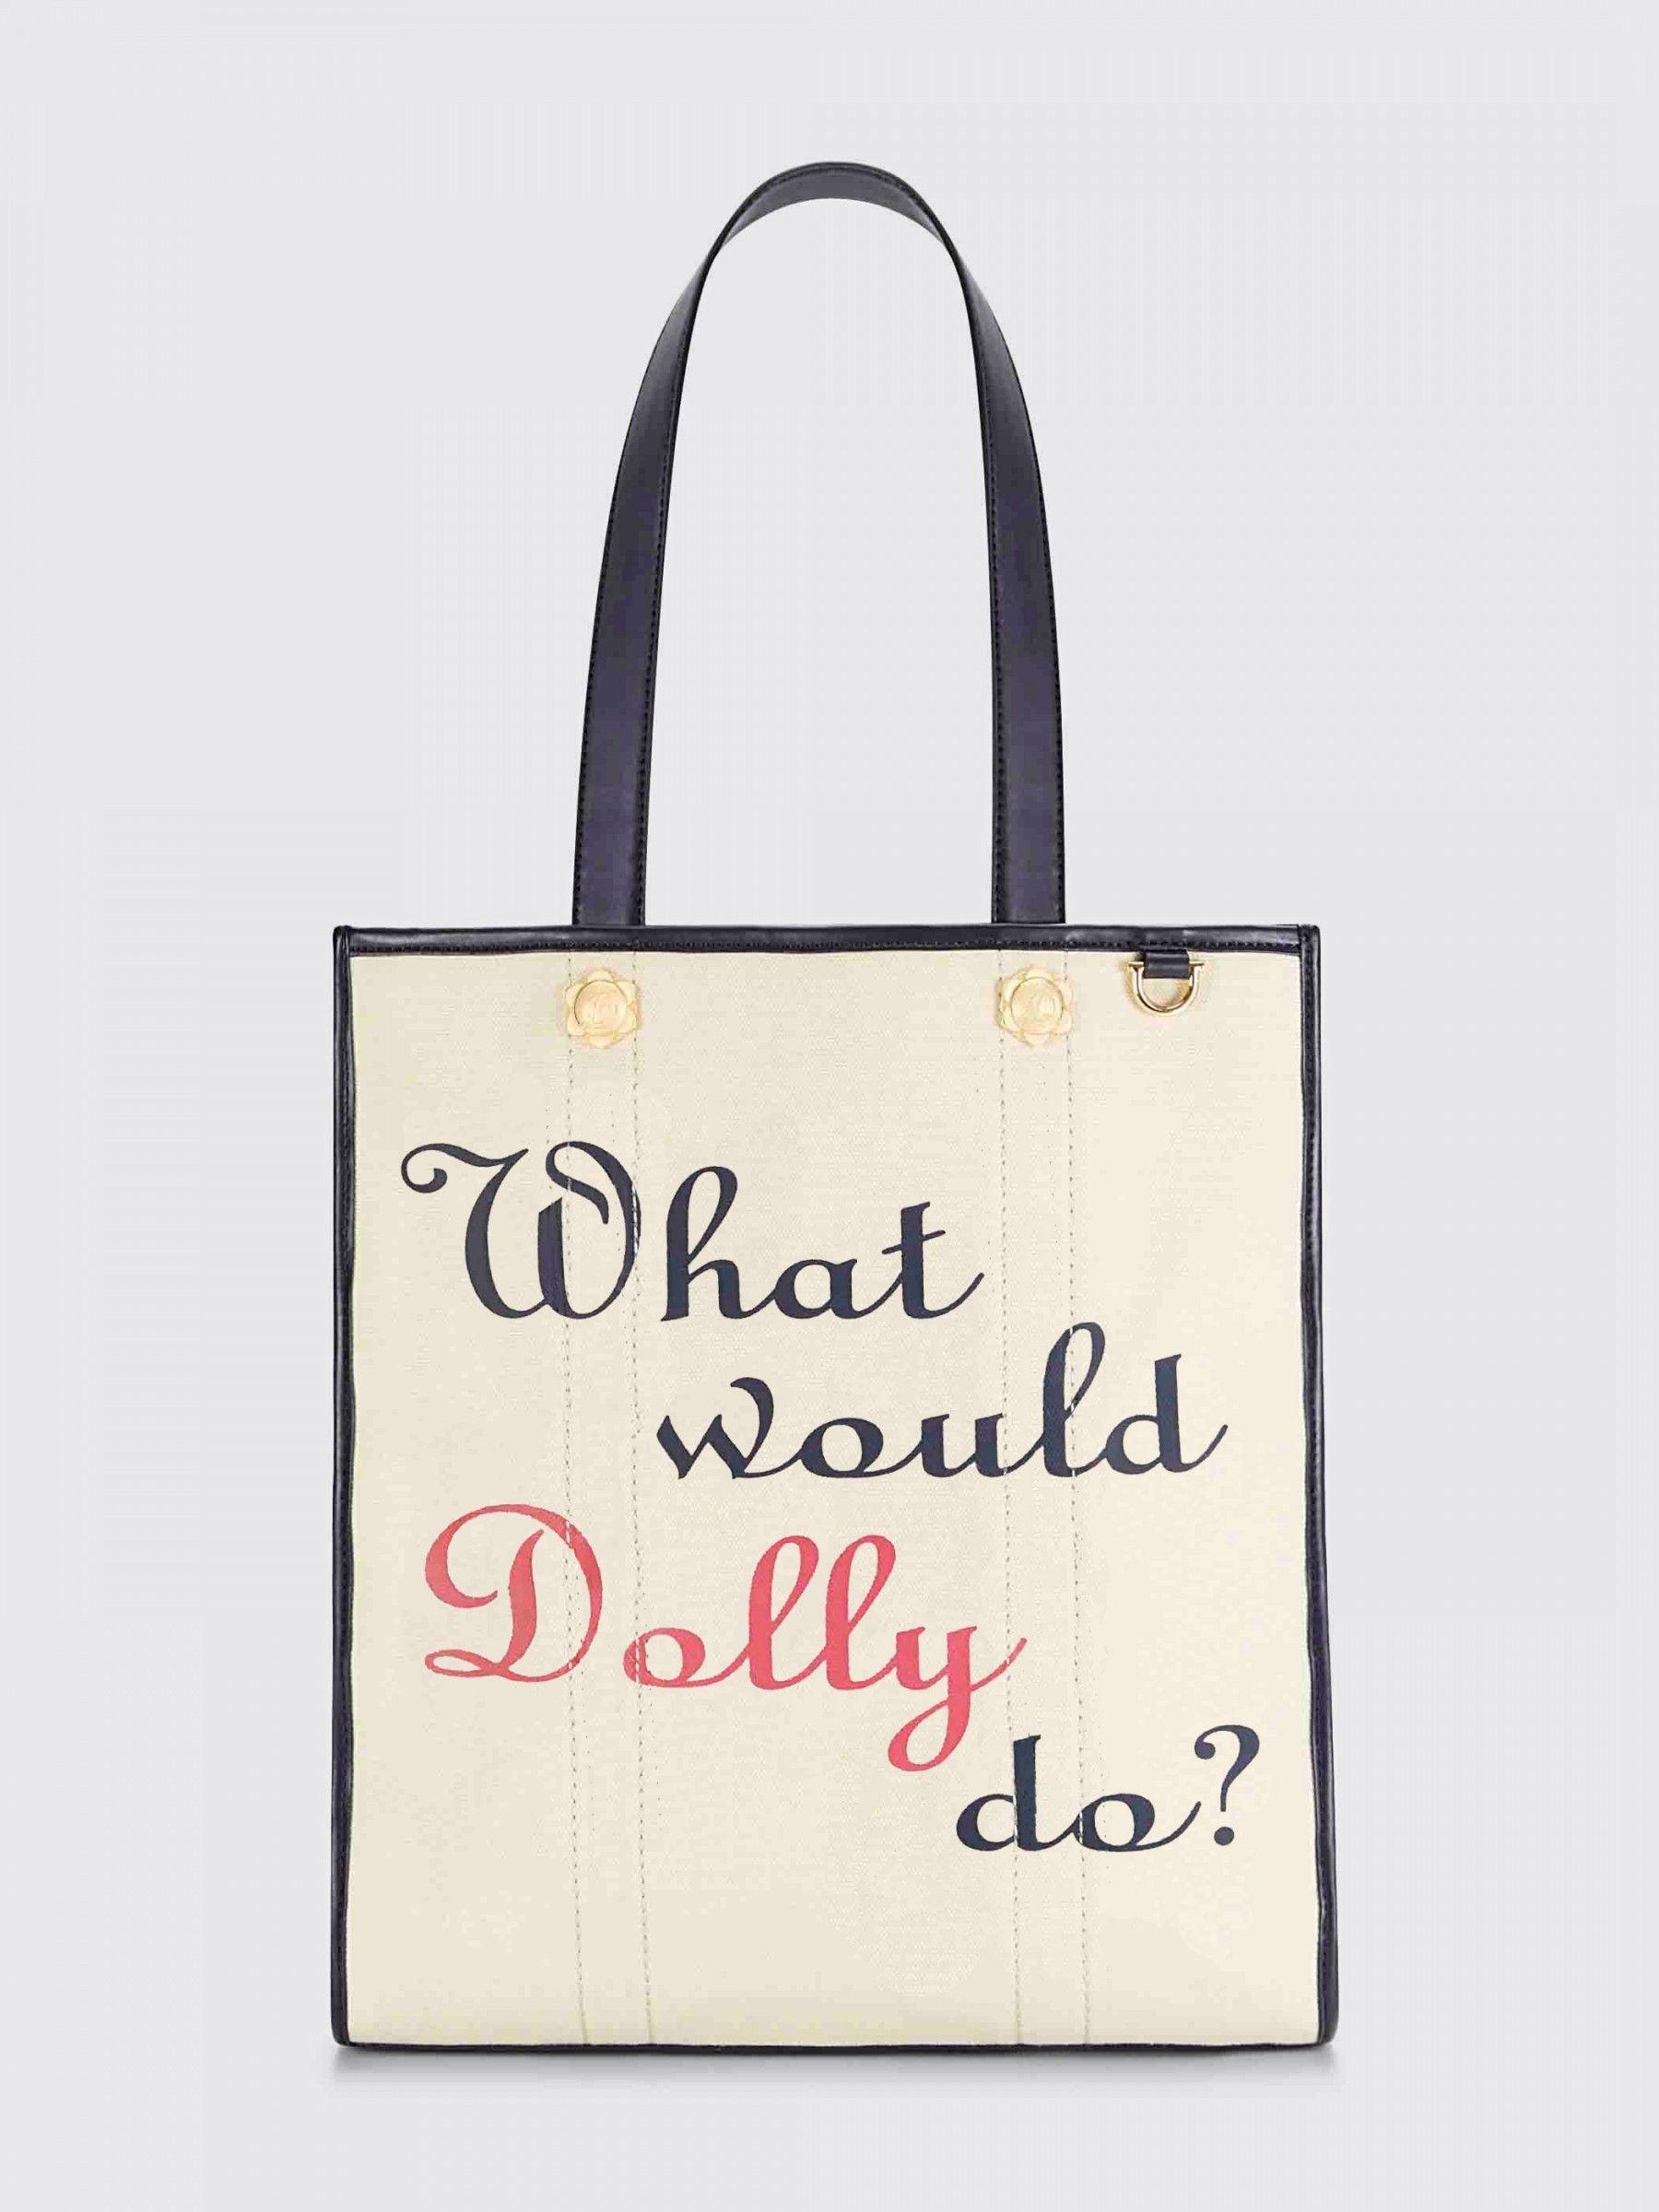 Draper James - Dolly Vanderbilt Tote   Presents   Pinterest 46a0c67895e